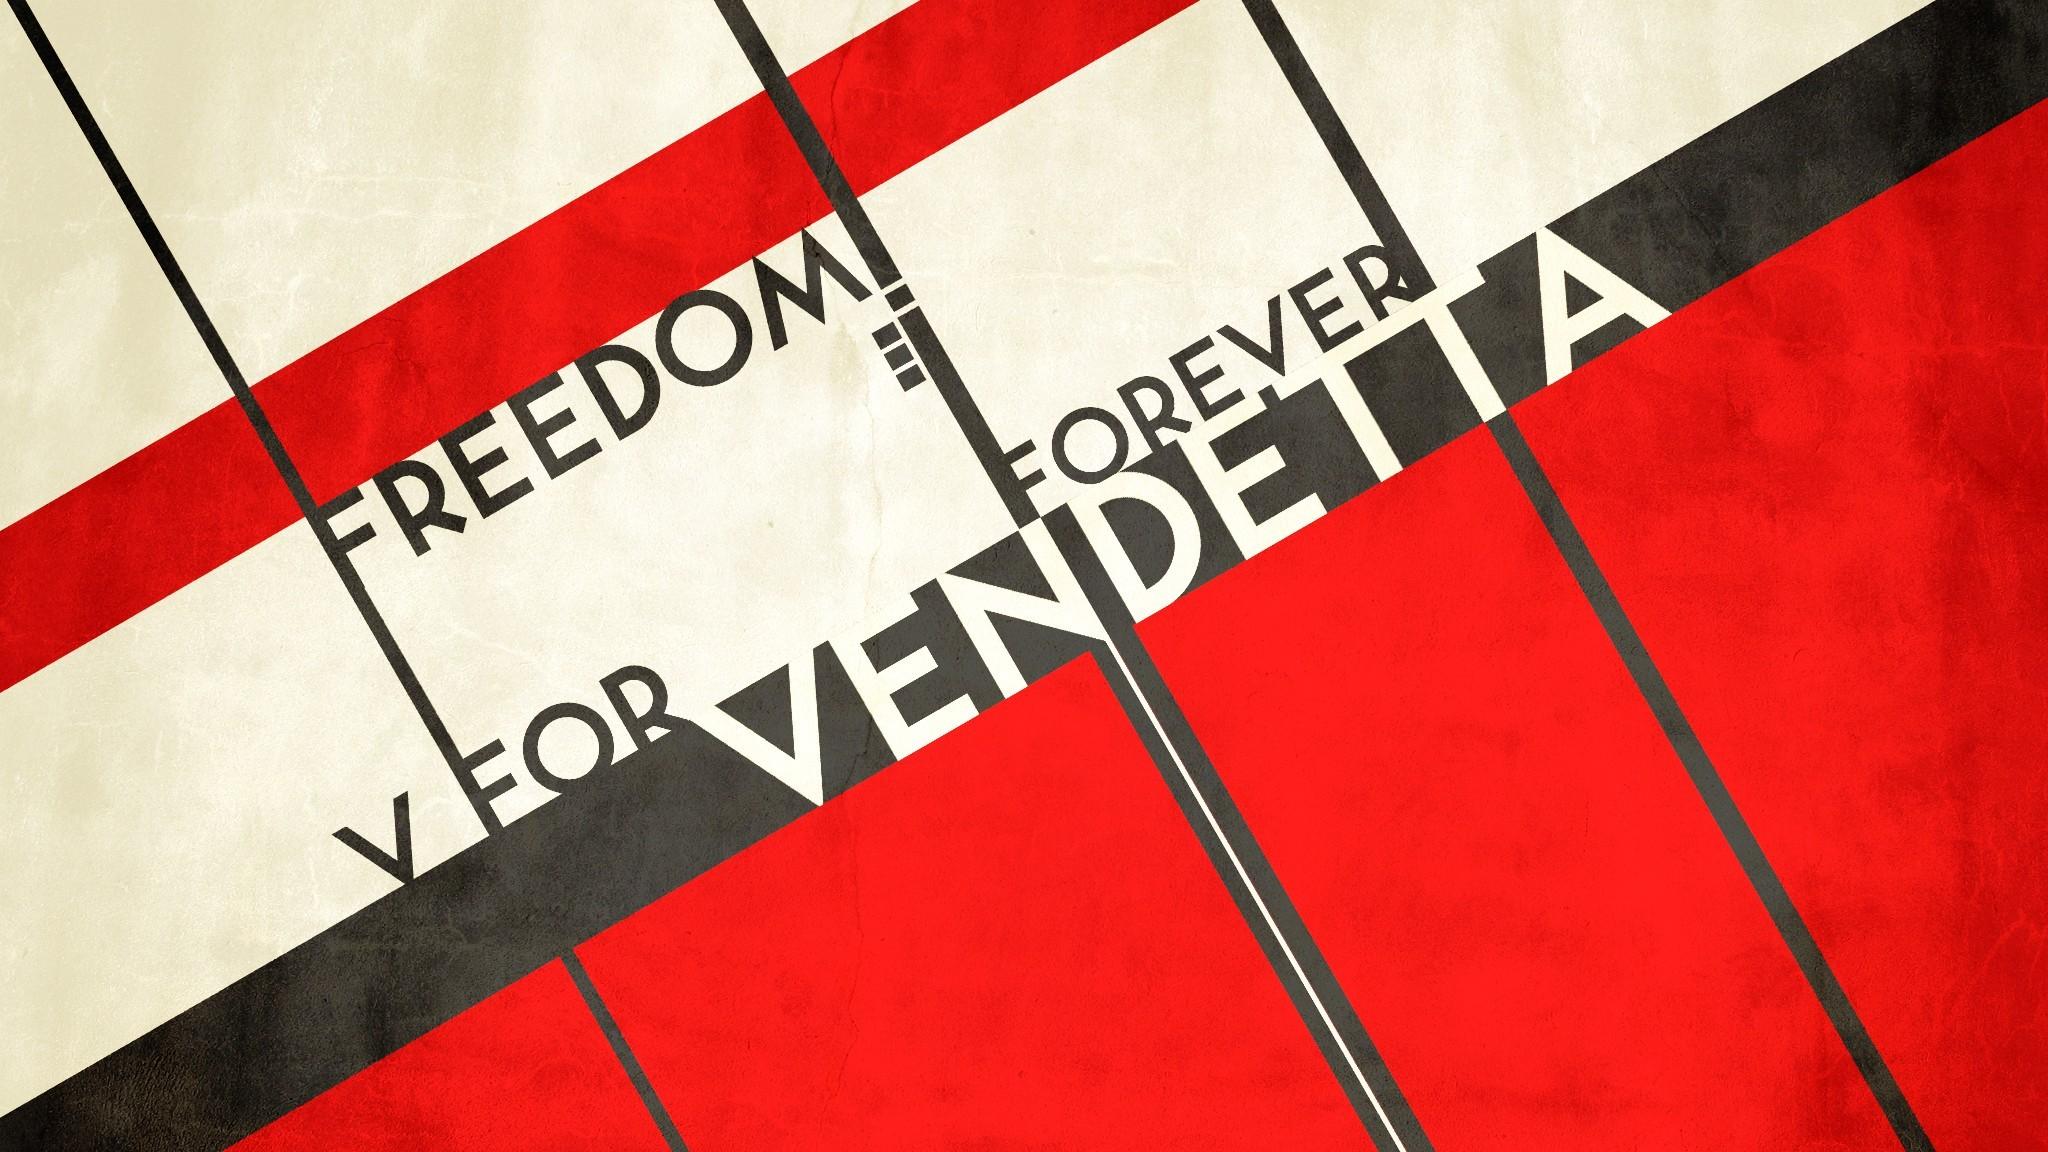 Fond Décran Noir Rouge Drapeau Cercle V Pour Vendetta